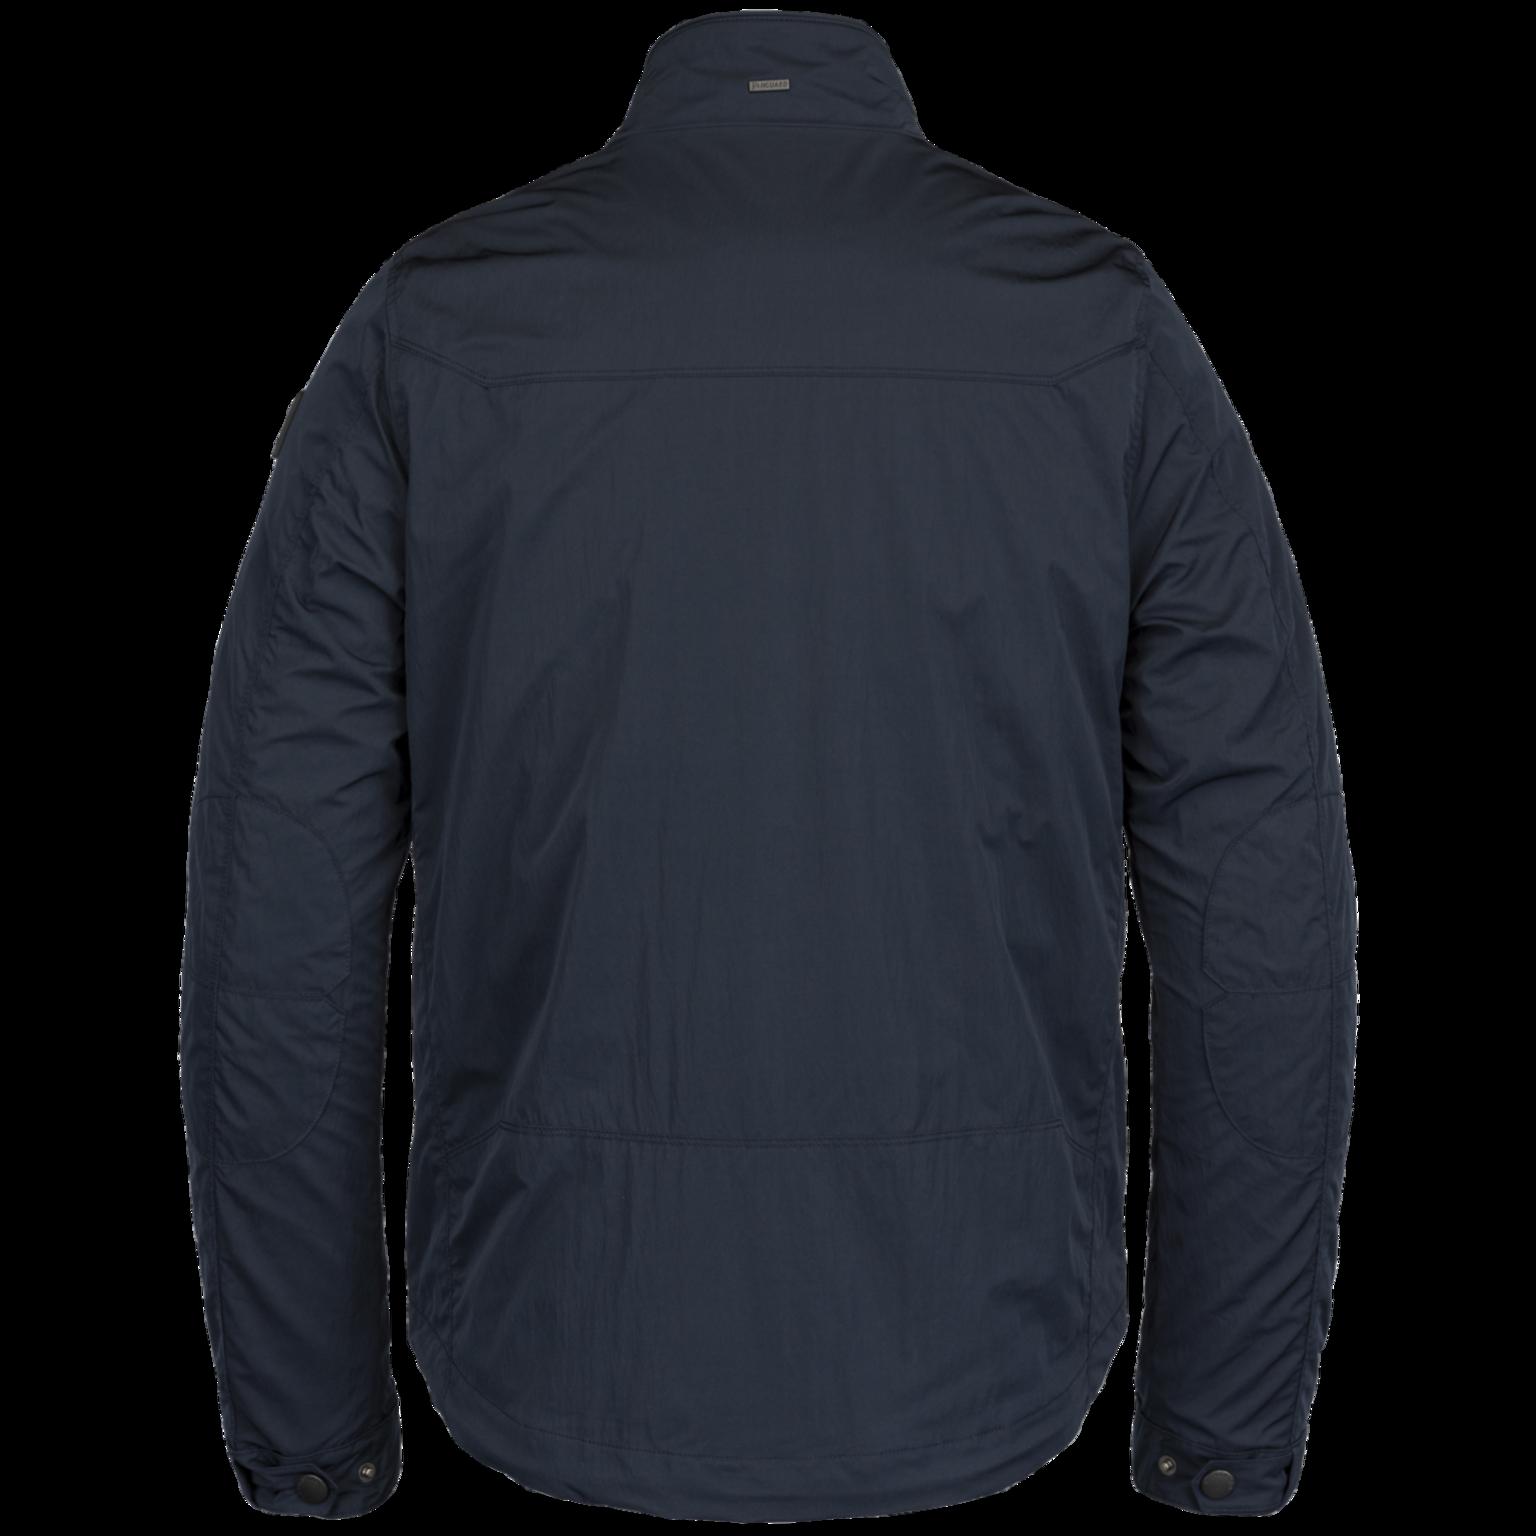 VANGUARD veste imperméable-2